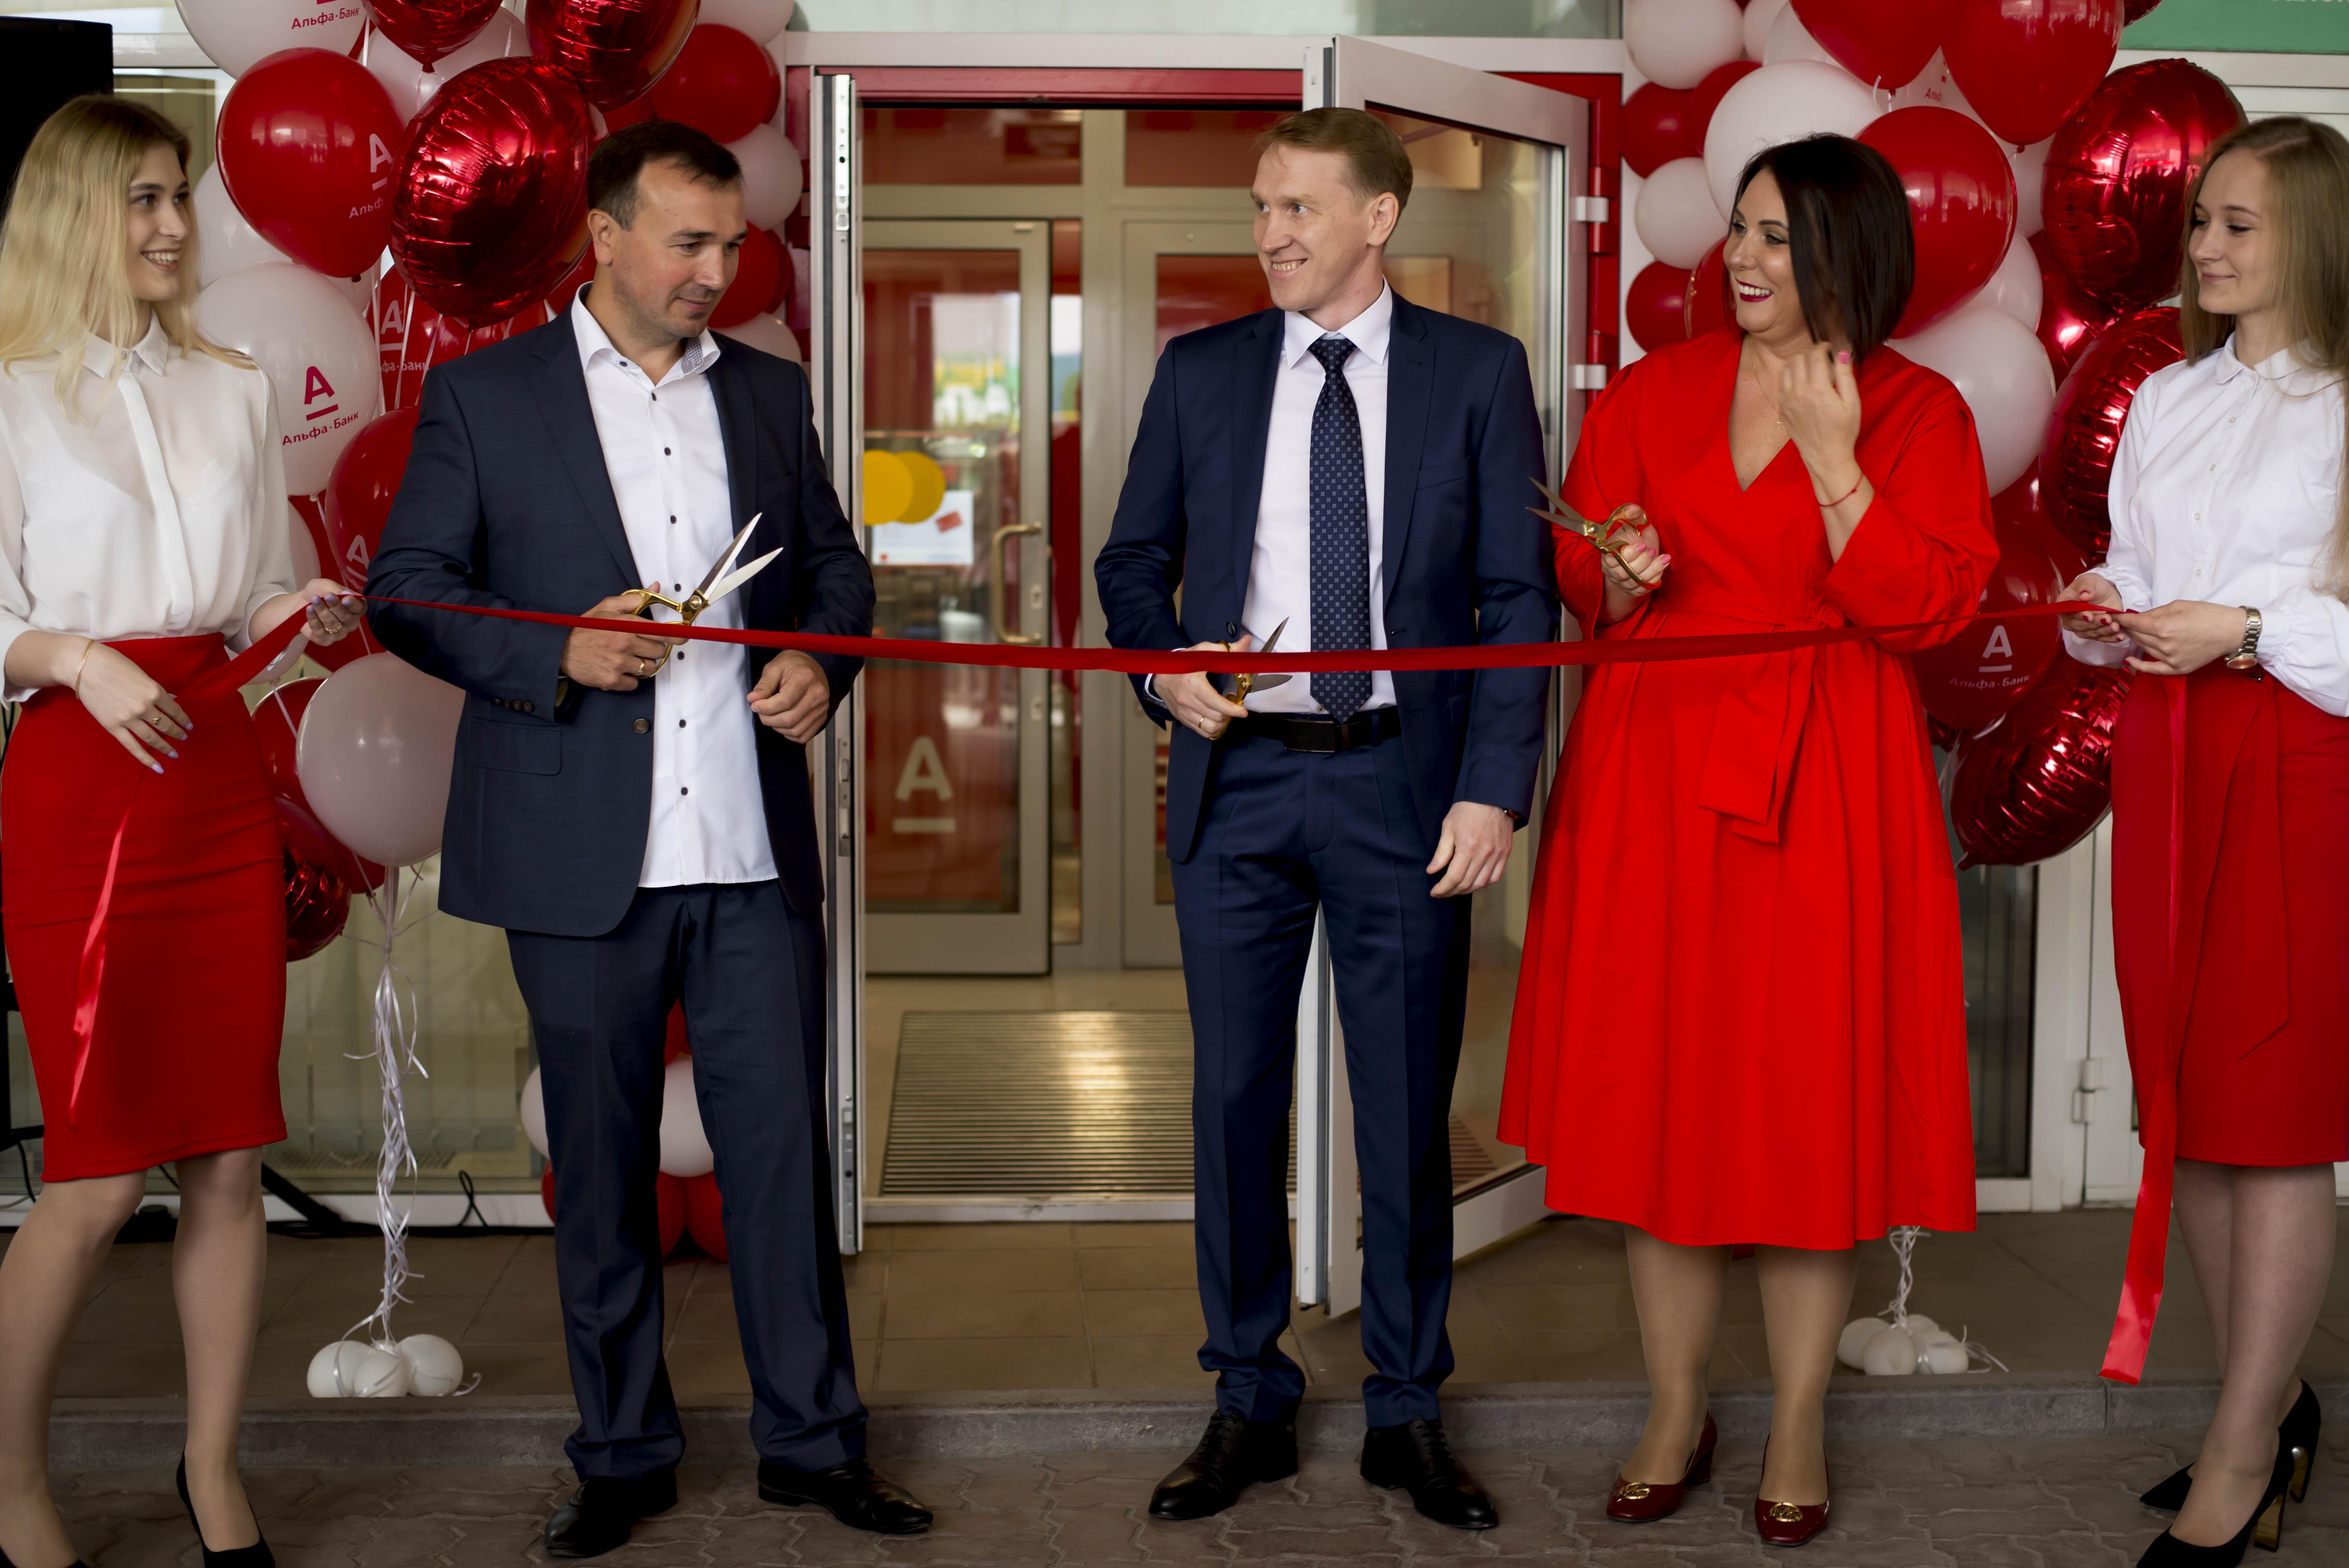 банк открытие ипотека онлайн заявка ростов кредит наличными в банке кредит европа банк